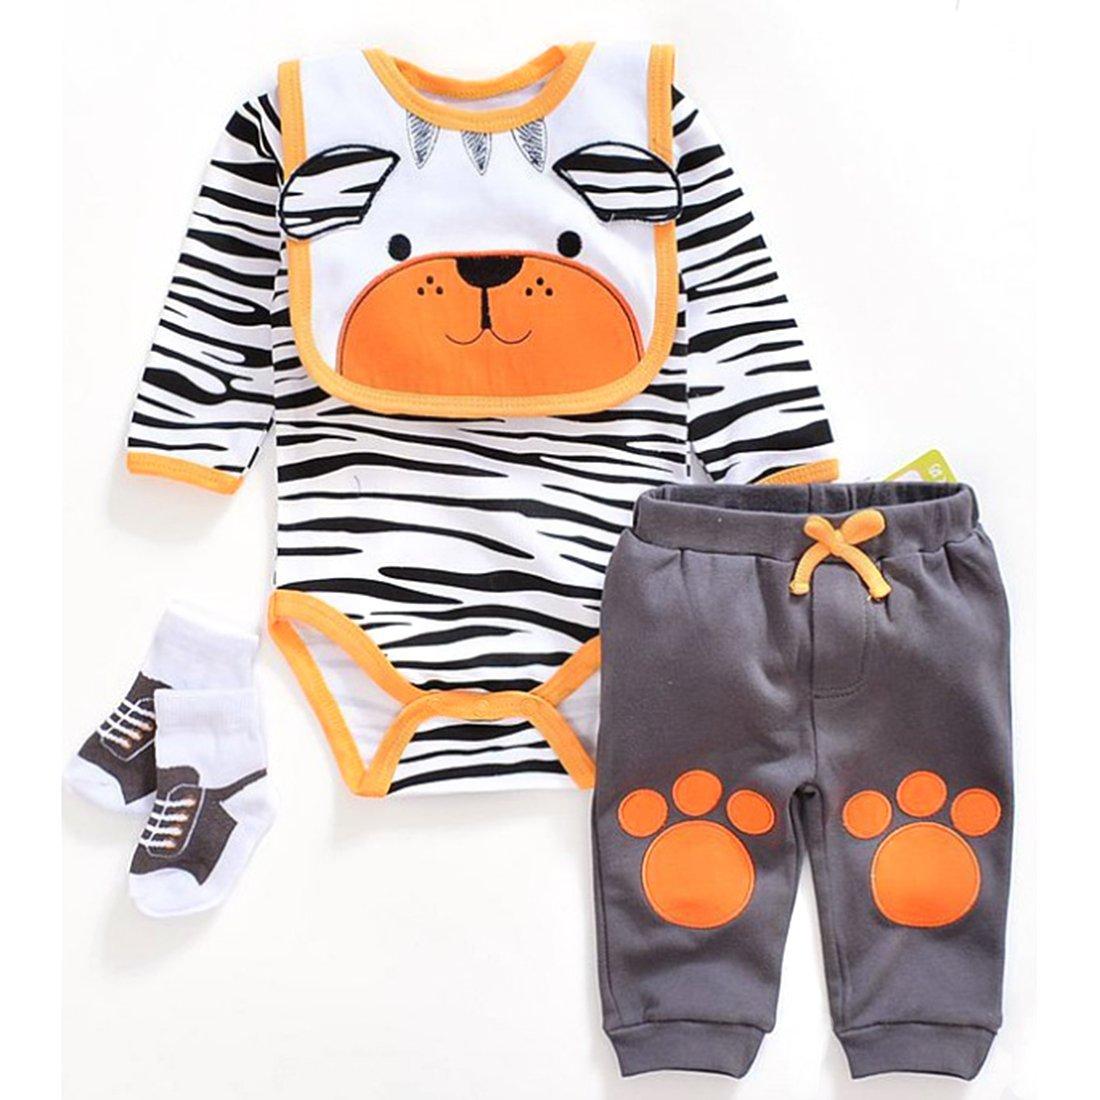 Vêtement Convient pour Les Vêtements de Poupée de 20-22 Pouces, Bébé Reborn Baby Doll, Vêtements (3 en 1)